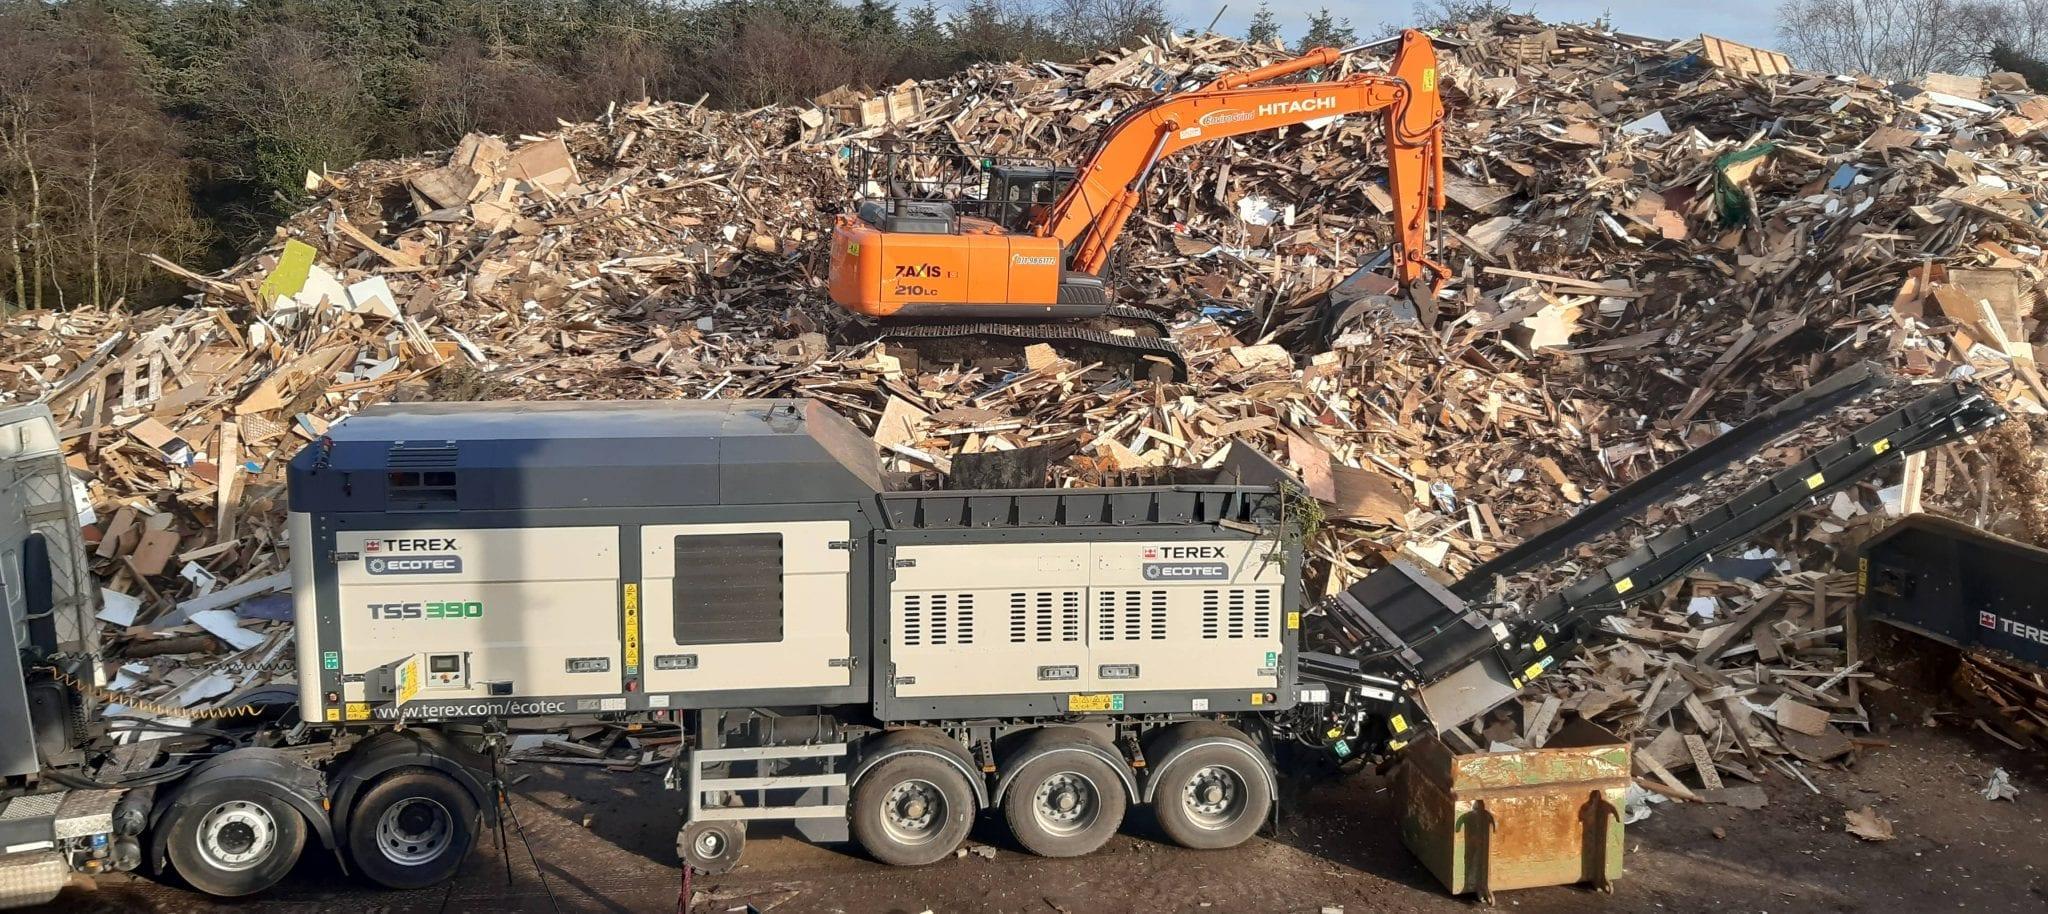 Ecotec TSS 390 Slow speed shredder